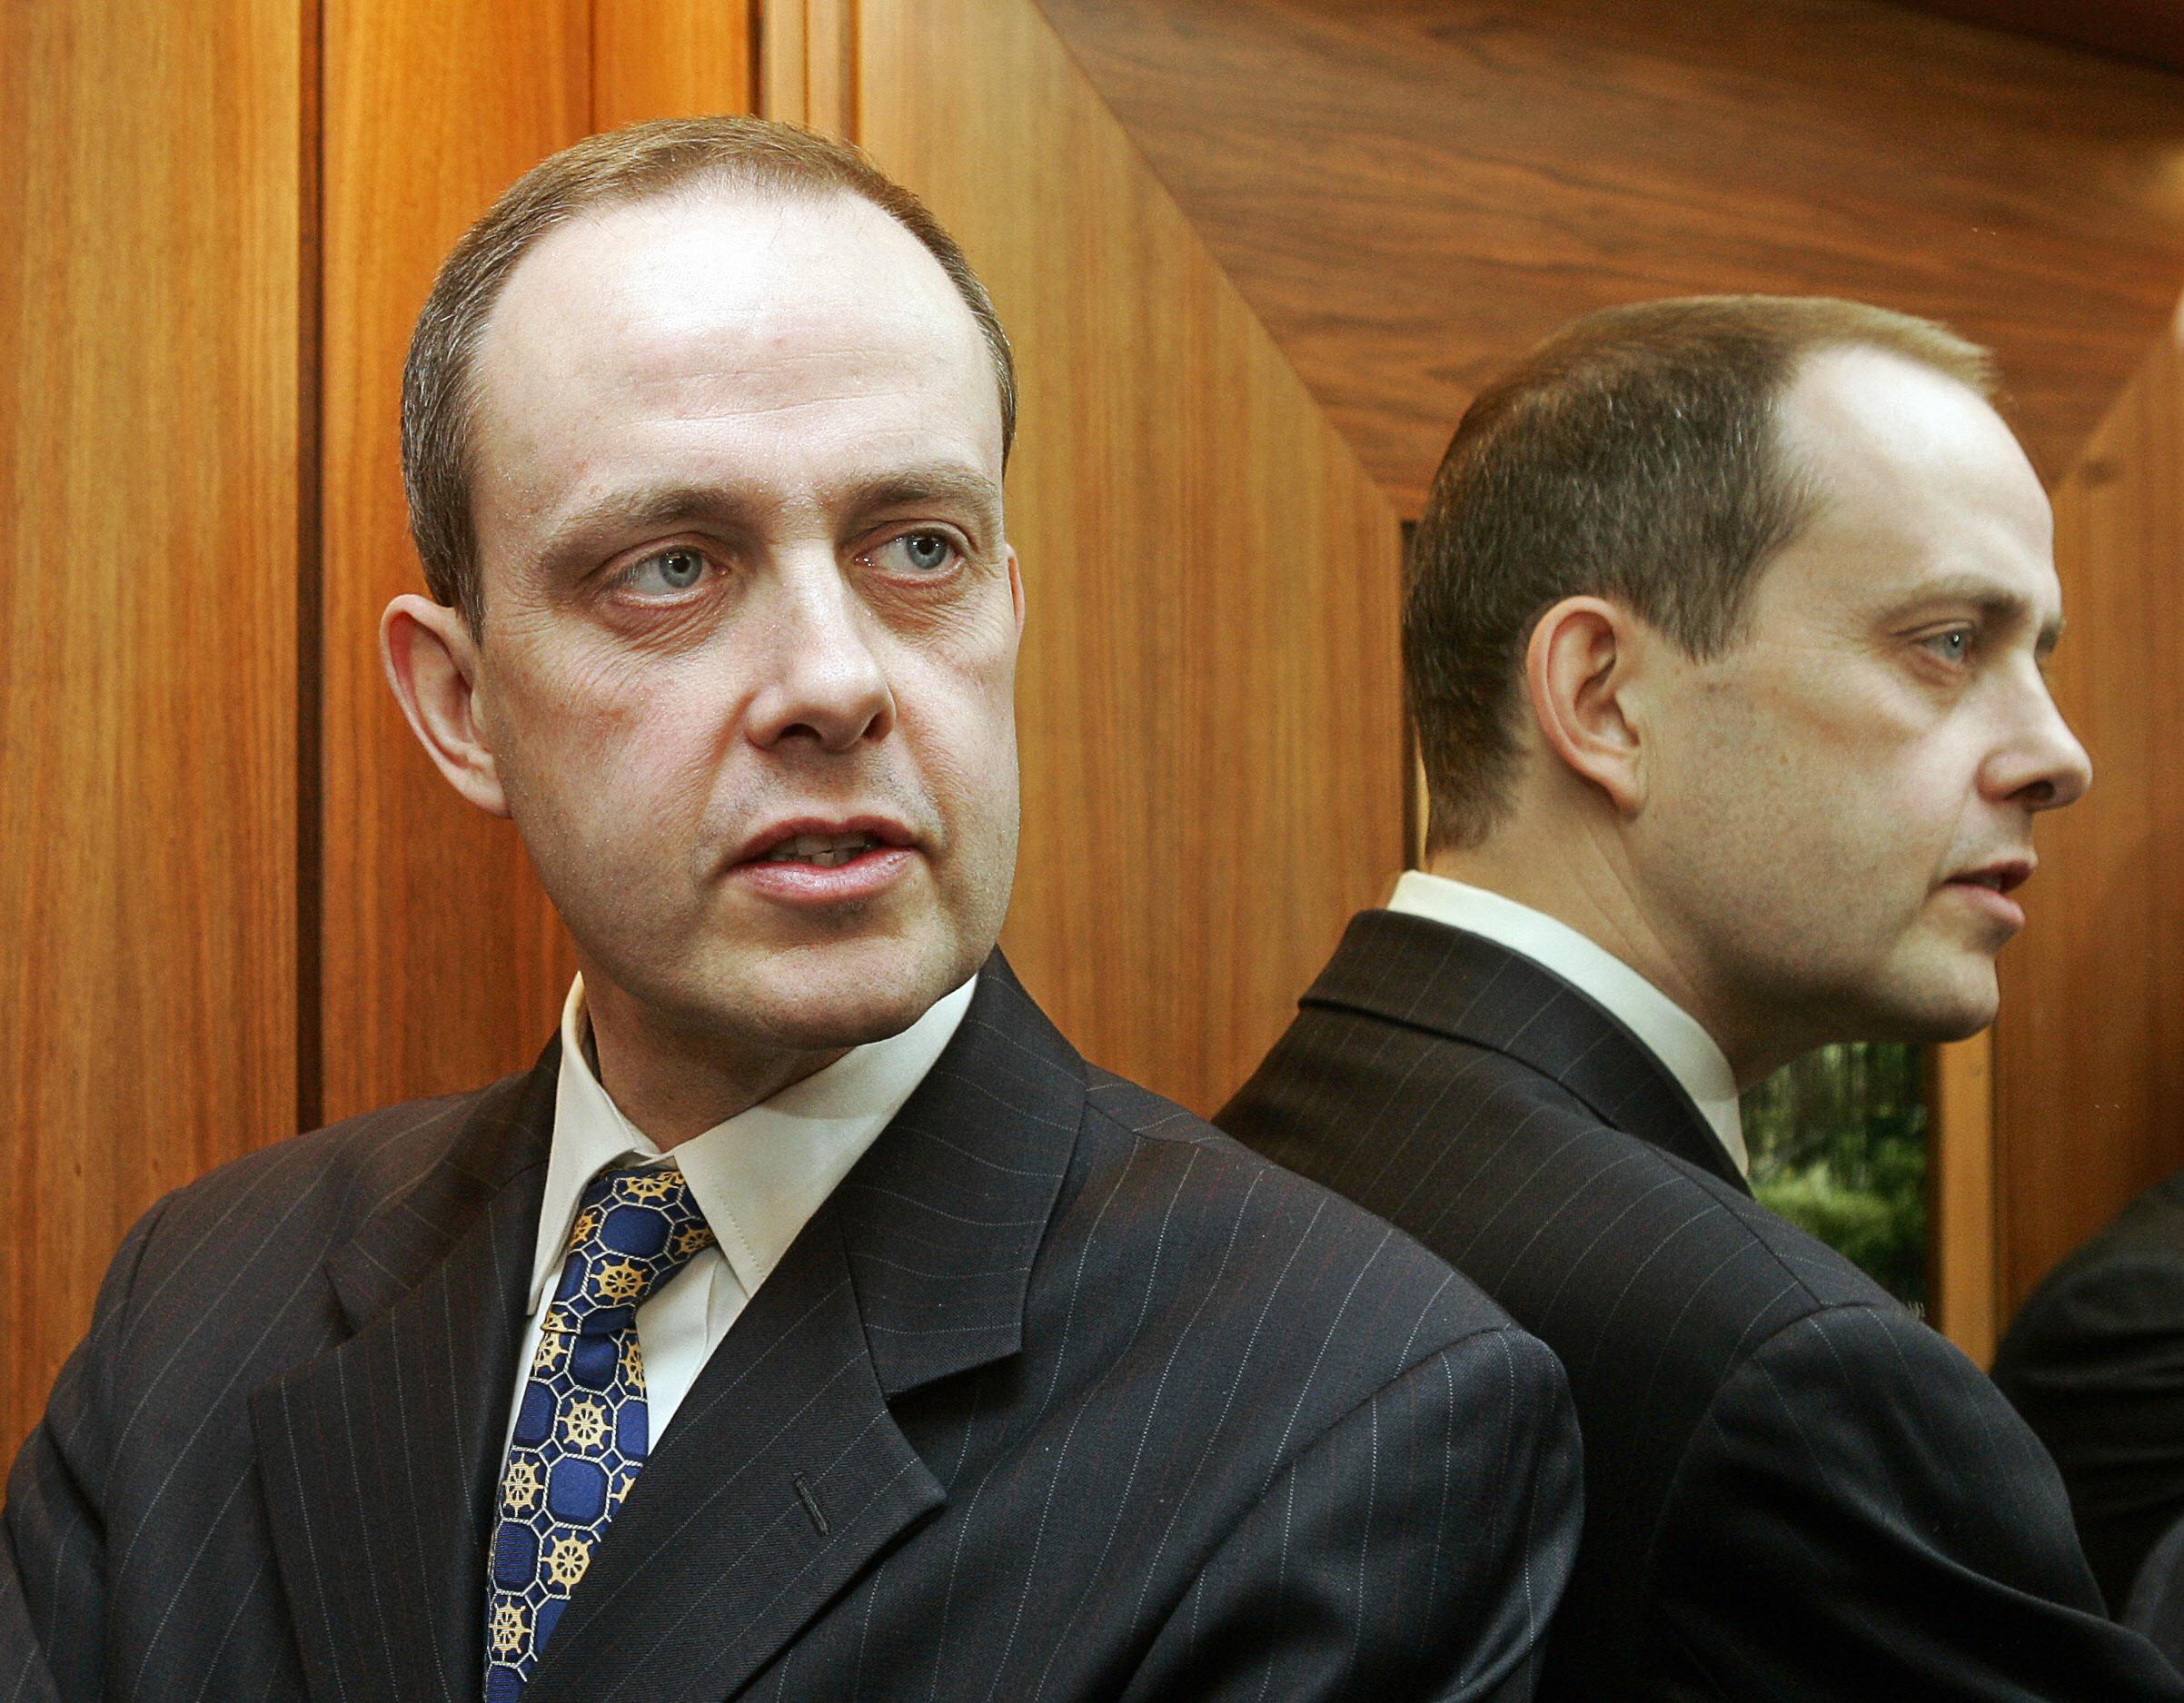 The face of Prince Jean de France, duc d'orleans